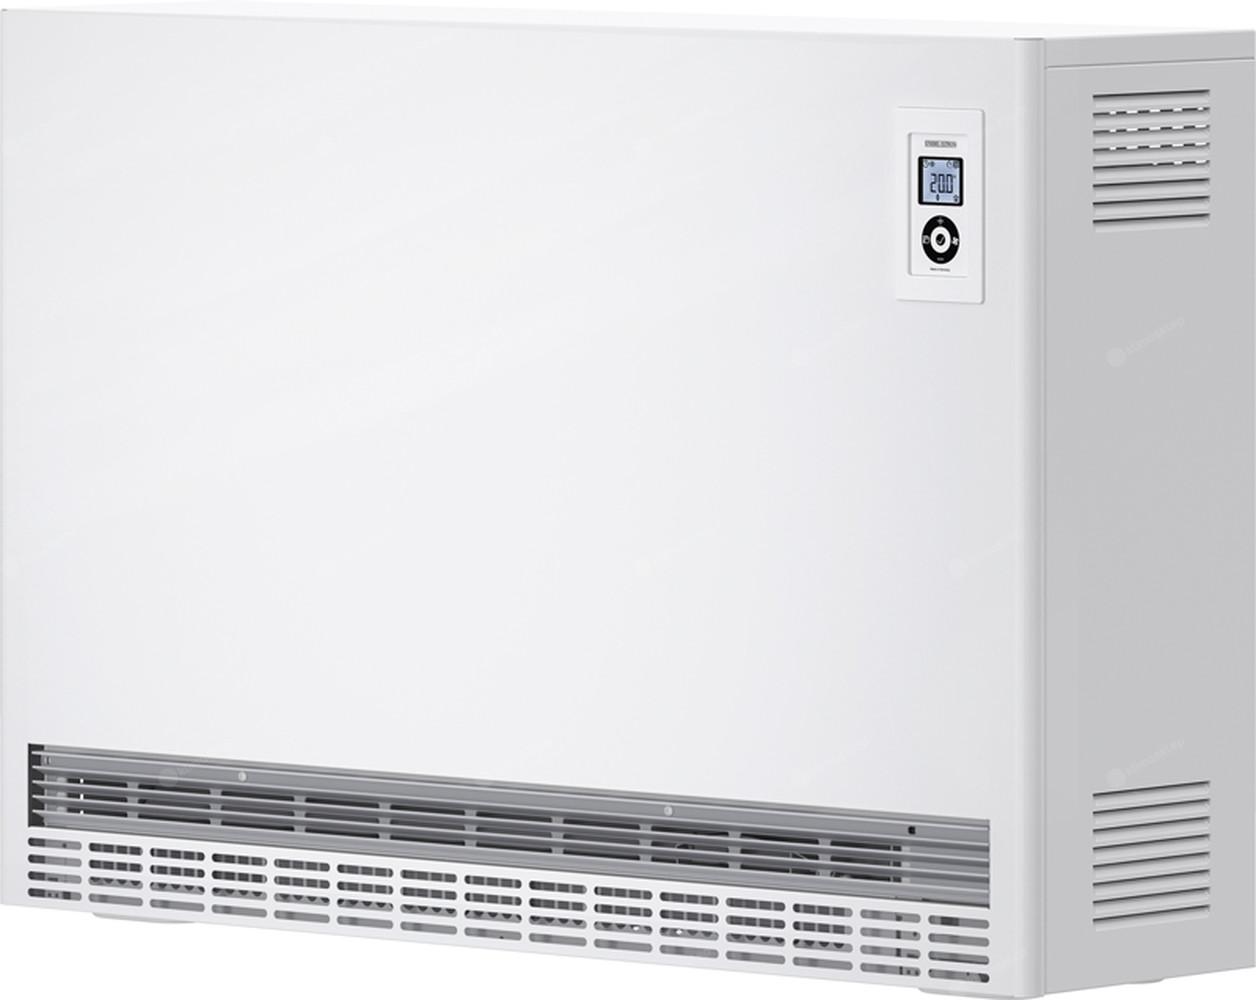 Piec akumulacyjny Stiebel Eltron SHF 4000 - dynamiczny